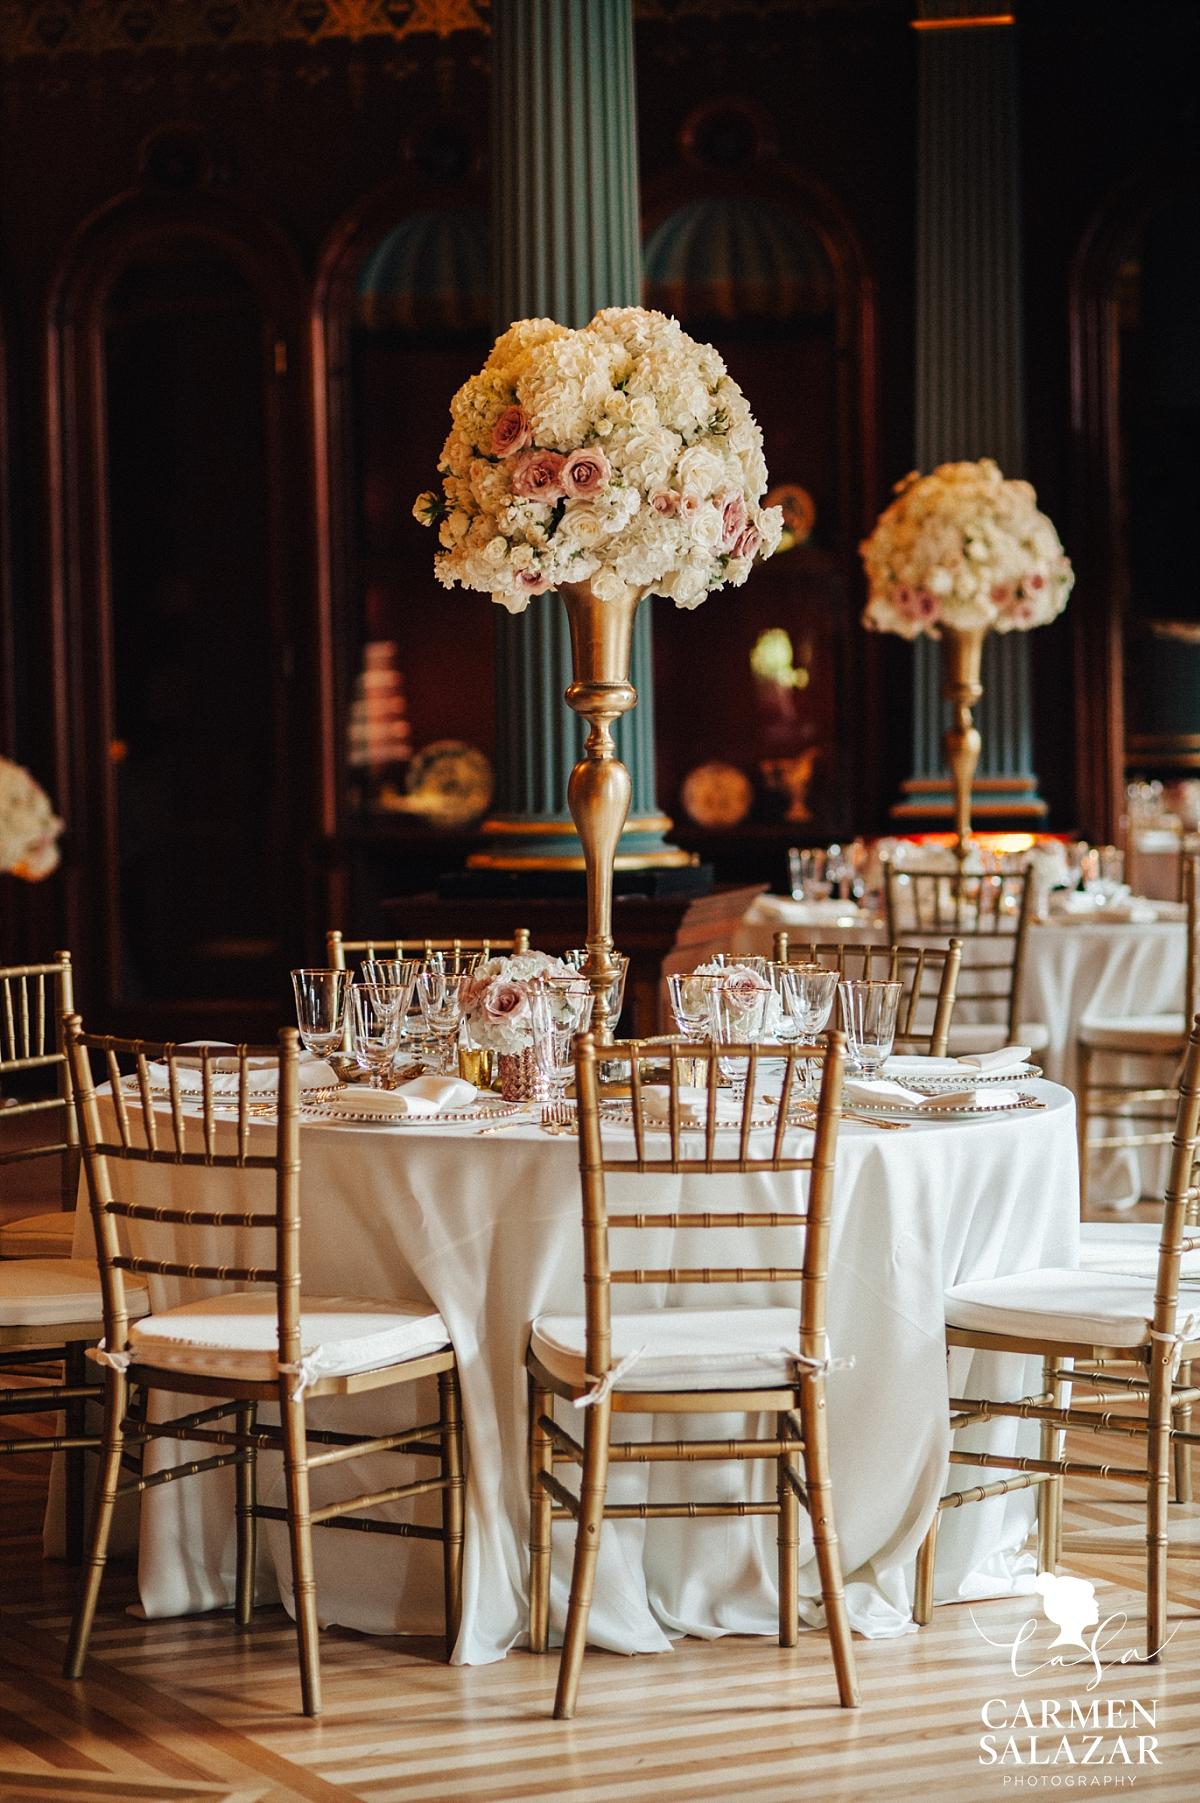 Ornate floral table details at Crocker Art Museum - Carmen Salazar